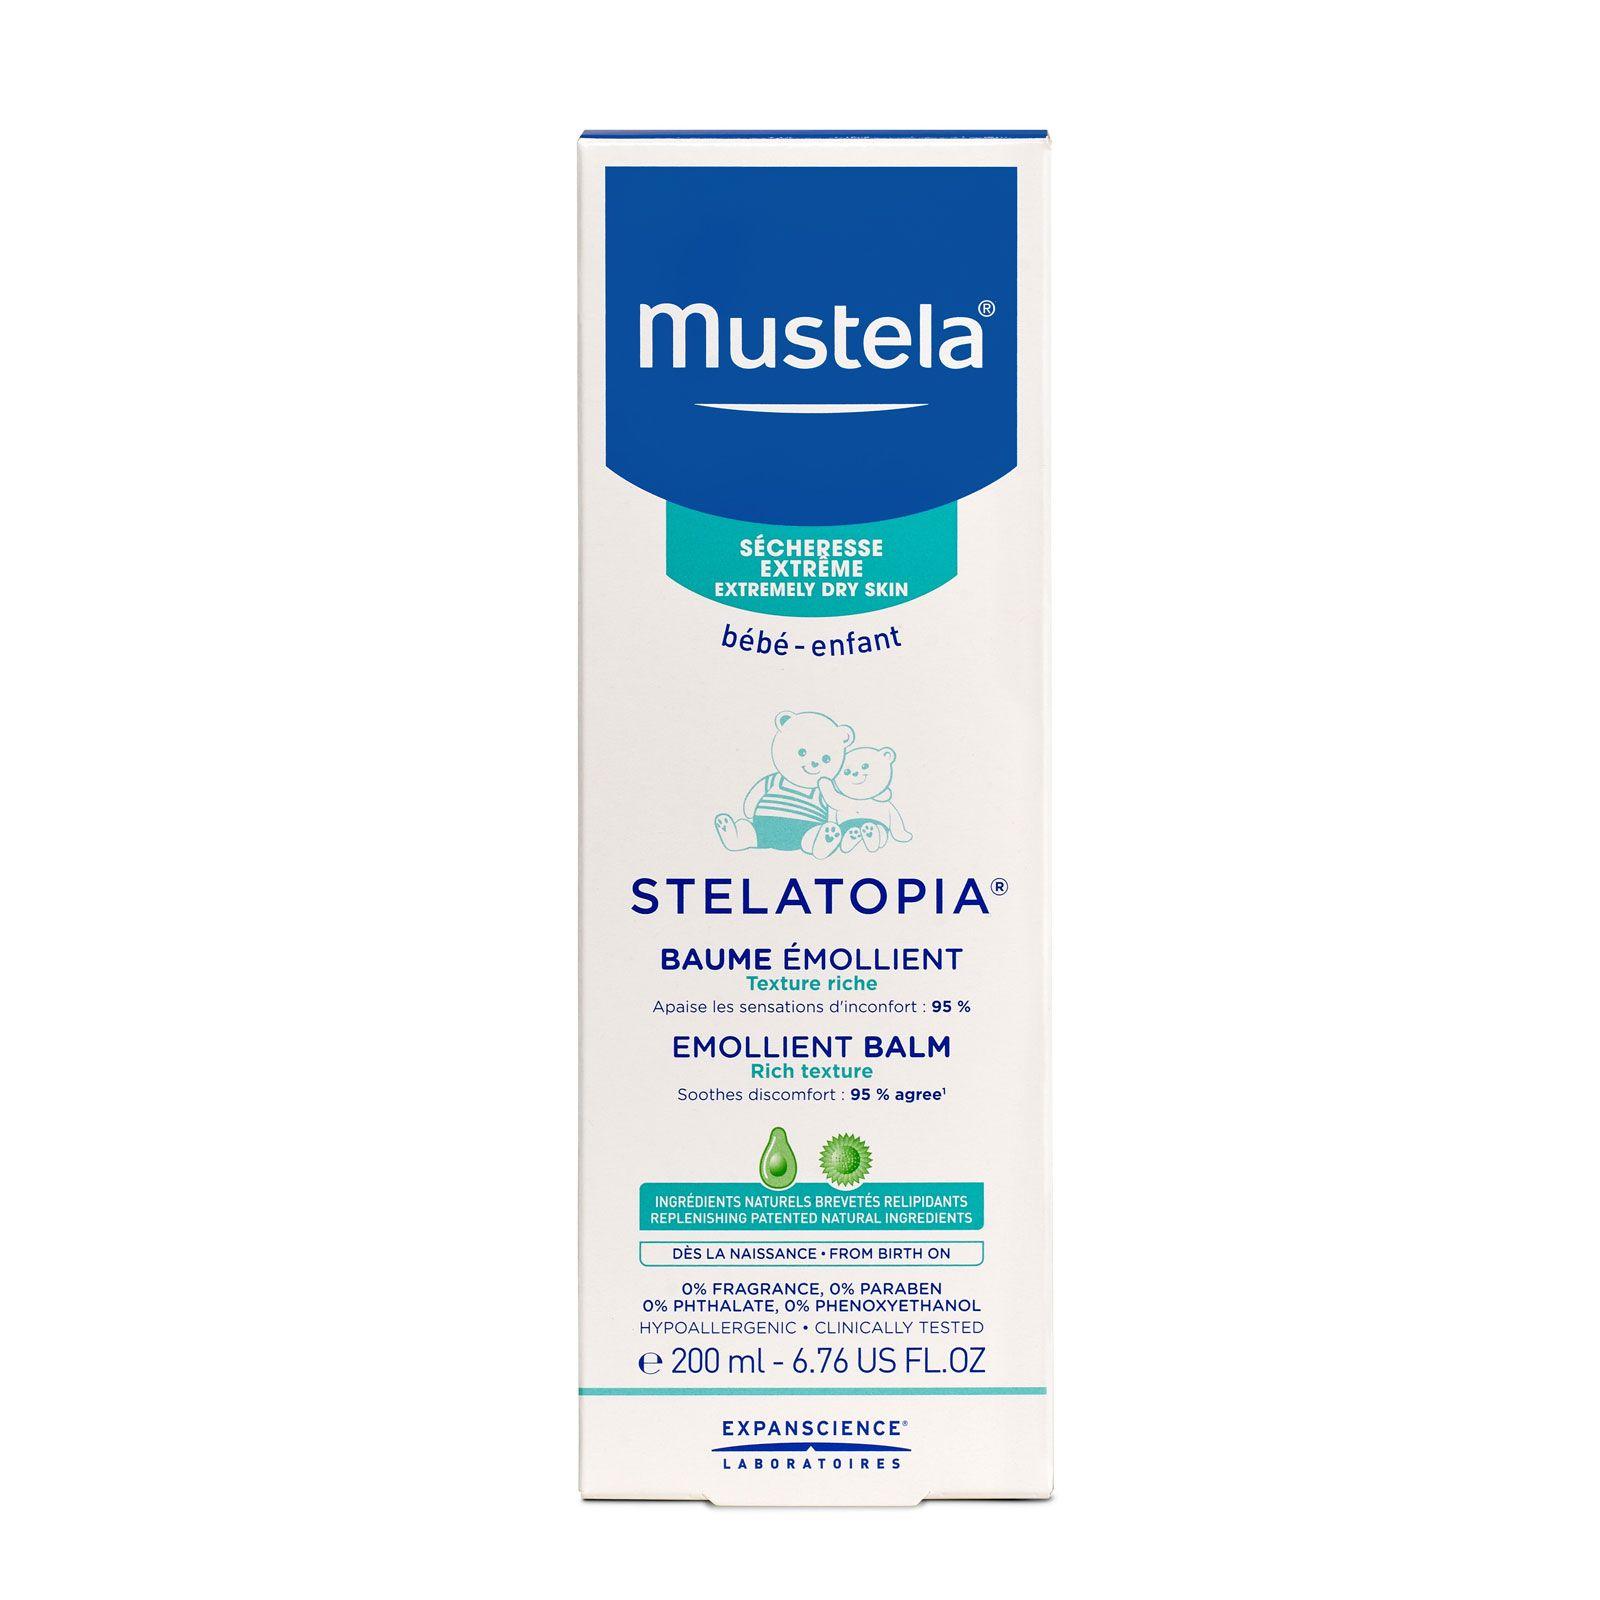 Mustela Stelatopia бальзам смягчающий для детей, бальзам для тела, 200 мл, 1 шт.